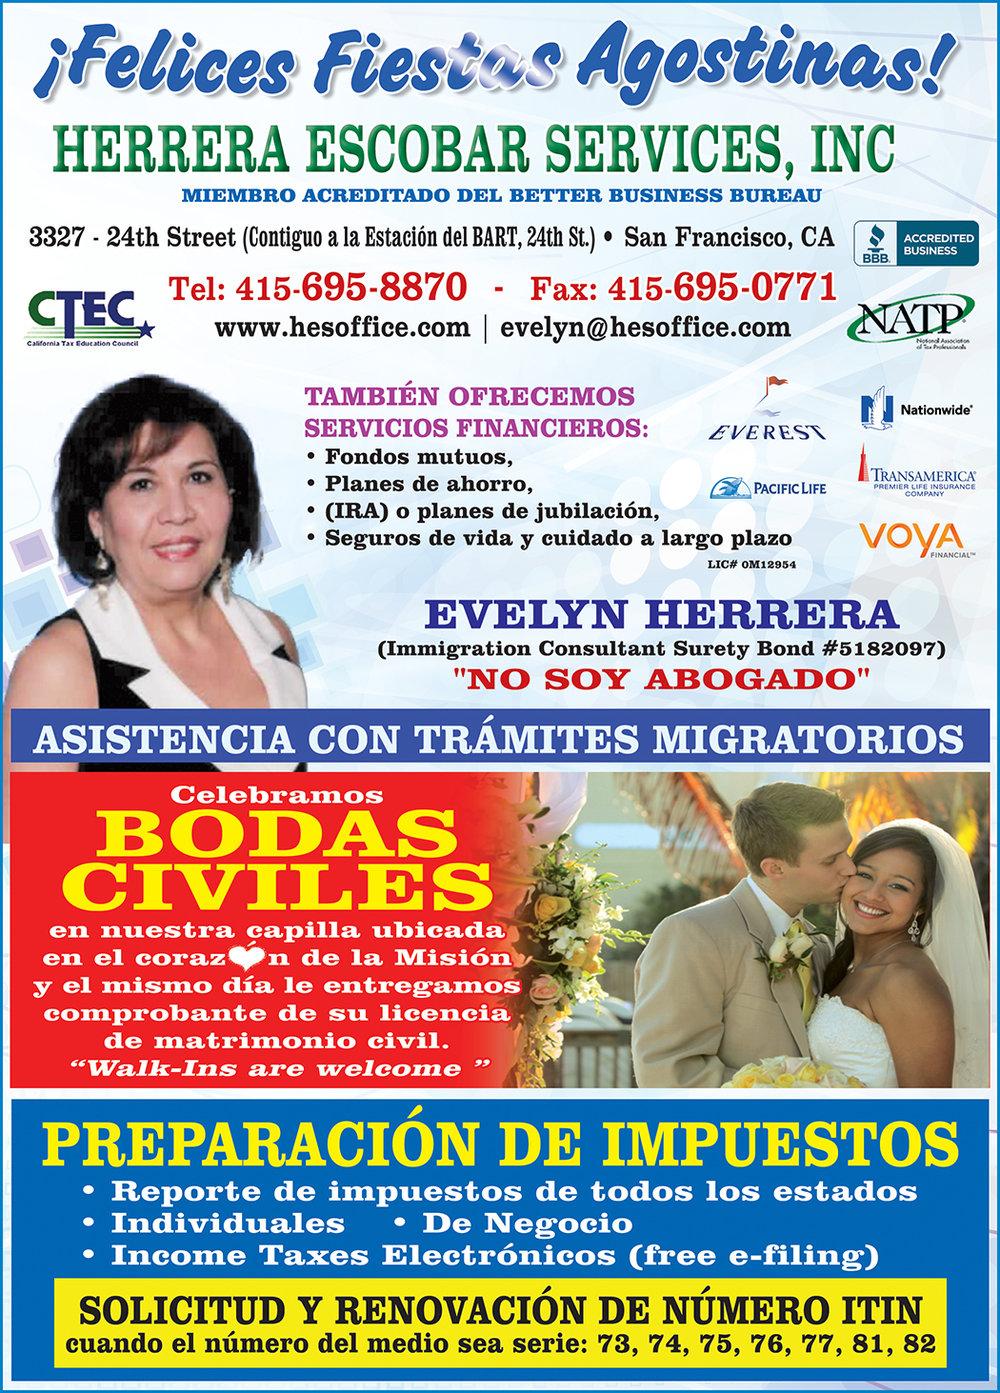 Herrera Escobar 1 Pag - Agosto 2018 copy.jpg